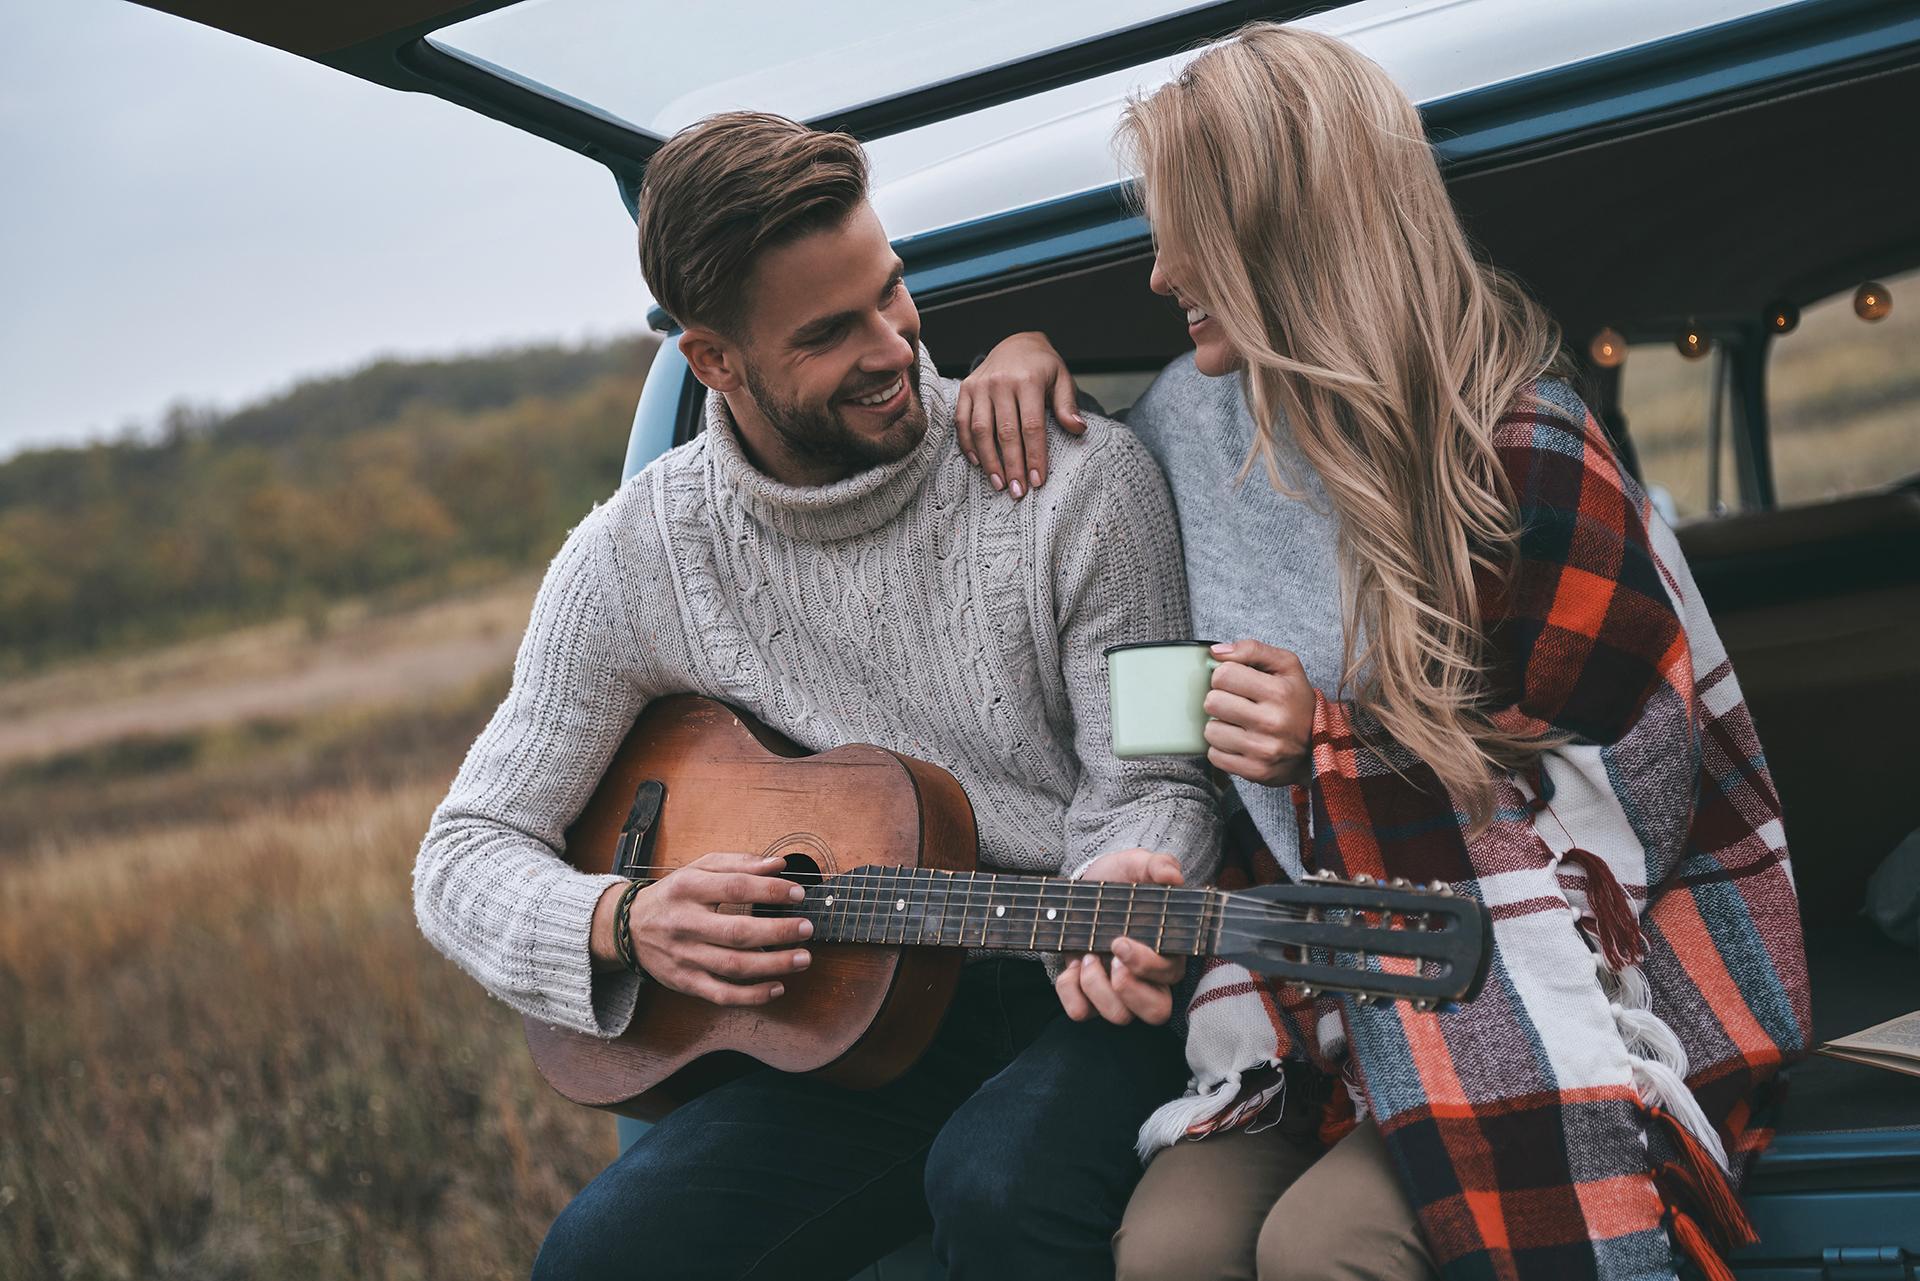 Ein Callboy spielt als Begleiter für Freitzeitaktivitäten ein Lied auf der Gitarre für eine neben sitzende hübsche blonde Dame